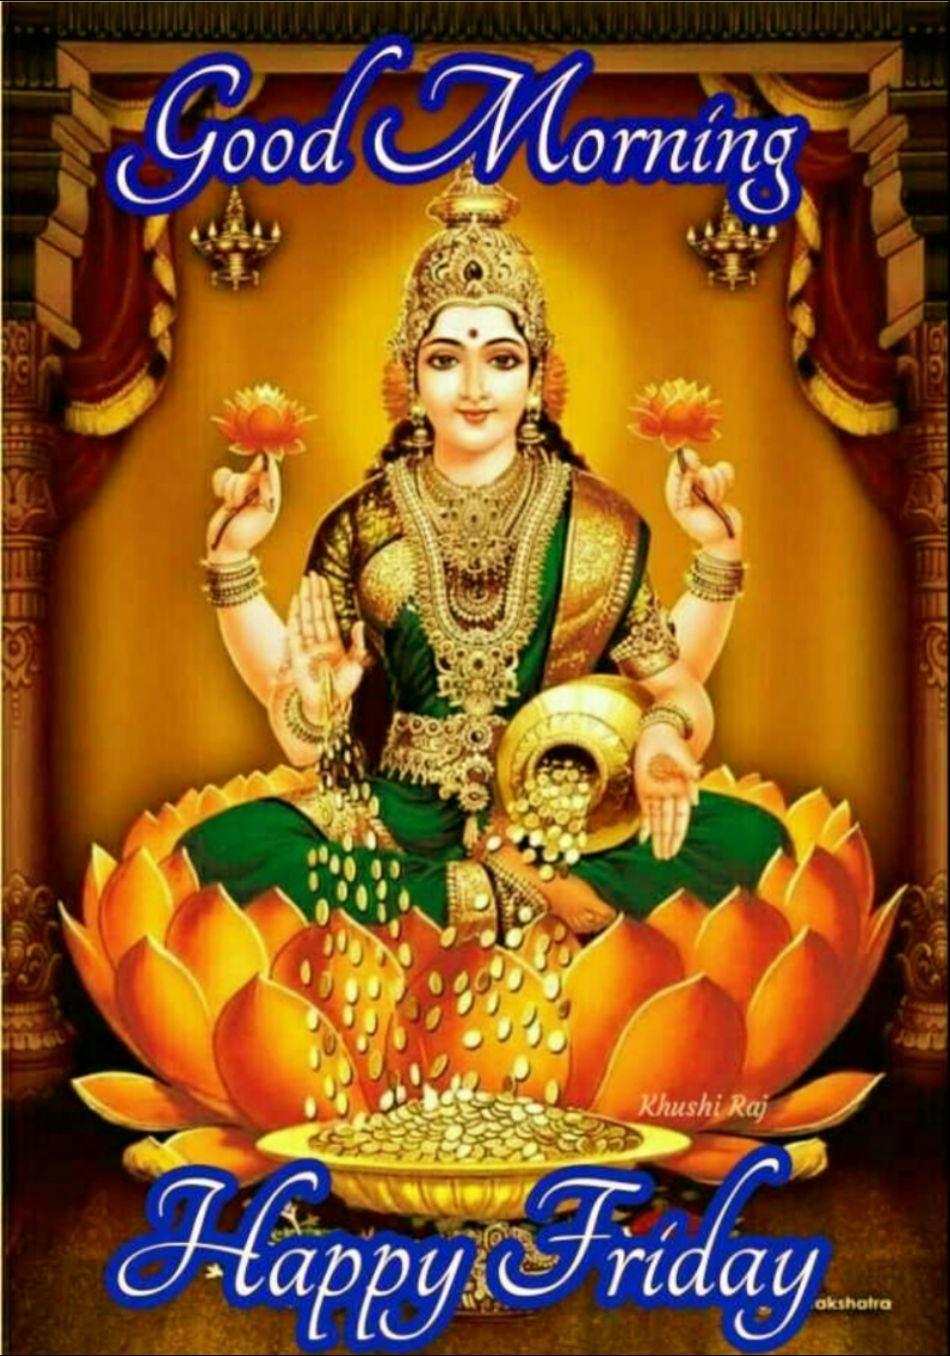 🎁ವಾರ್ಷಿಕೋತ್ಸವ - Good Morning Khushi Raj Happy Friday . okshatra - ShareChat